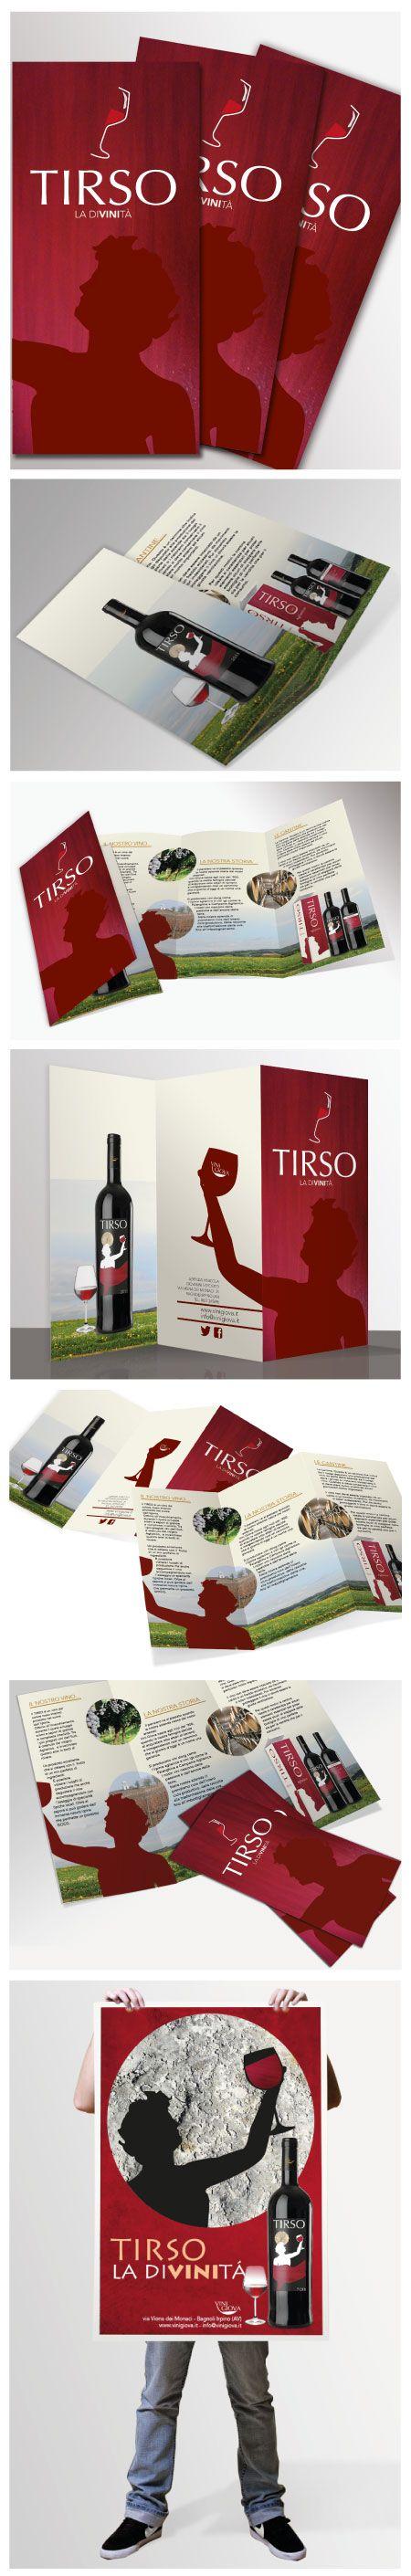 La brochure E Stata progettata per illustrare e promuovere il vino aglianico Tirso, Un vino ispirato alla divinità greca Dionisio. Le varie illustrazioni vanno ad illustrare Oltre al tipo di vino, va ad analizzare also venire SI presentazione, I Vigneti Dove e prodotto, viene quasi Voglia di assaggiarlo.